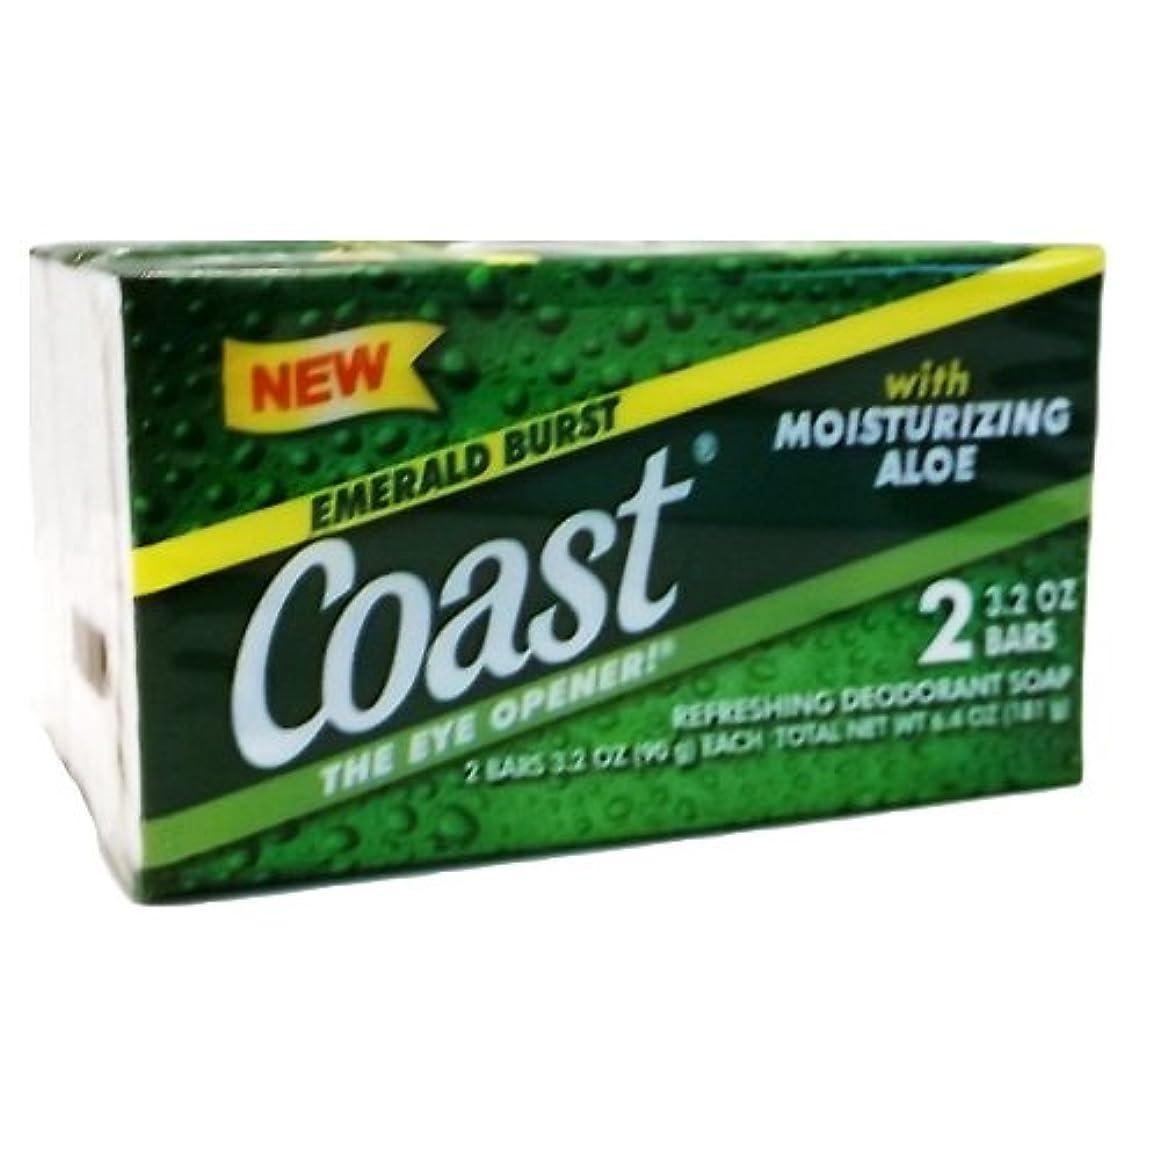 農村ブランド美人コースト(Coast) 石けんエメラルドバースト2個入り×24パック(48個)